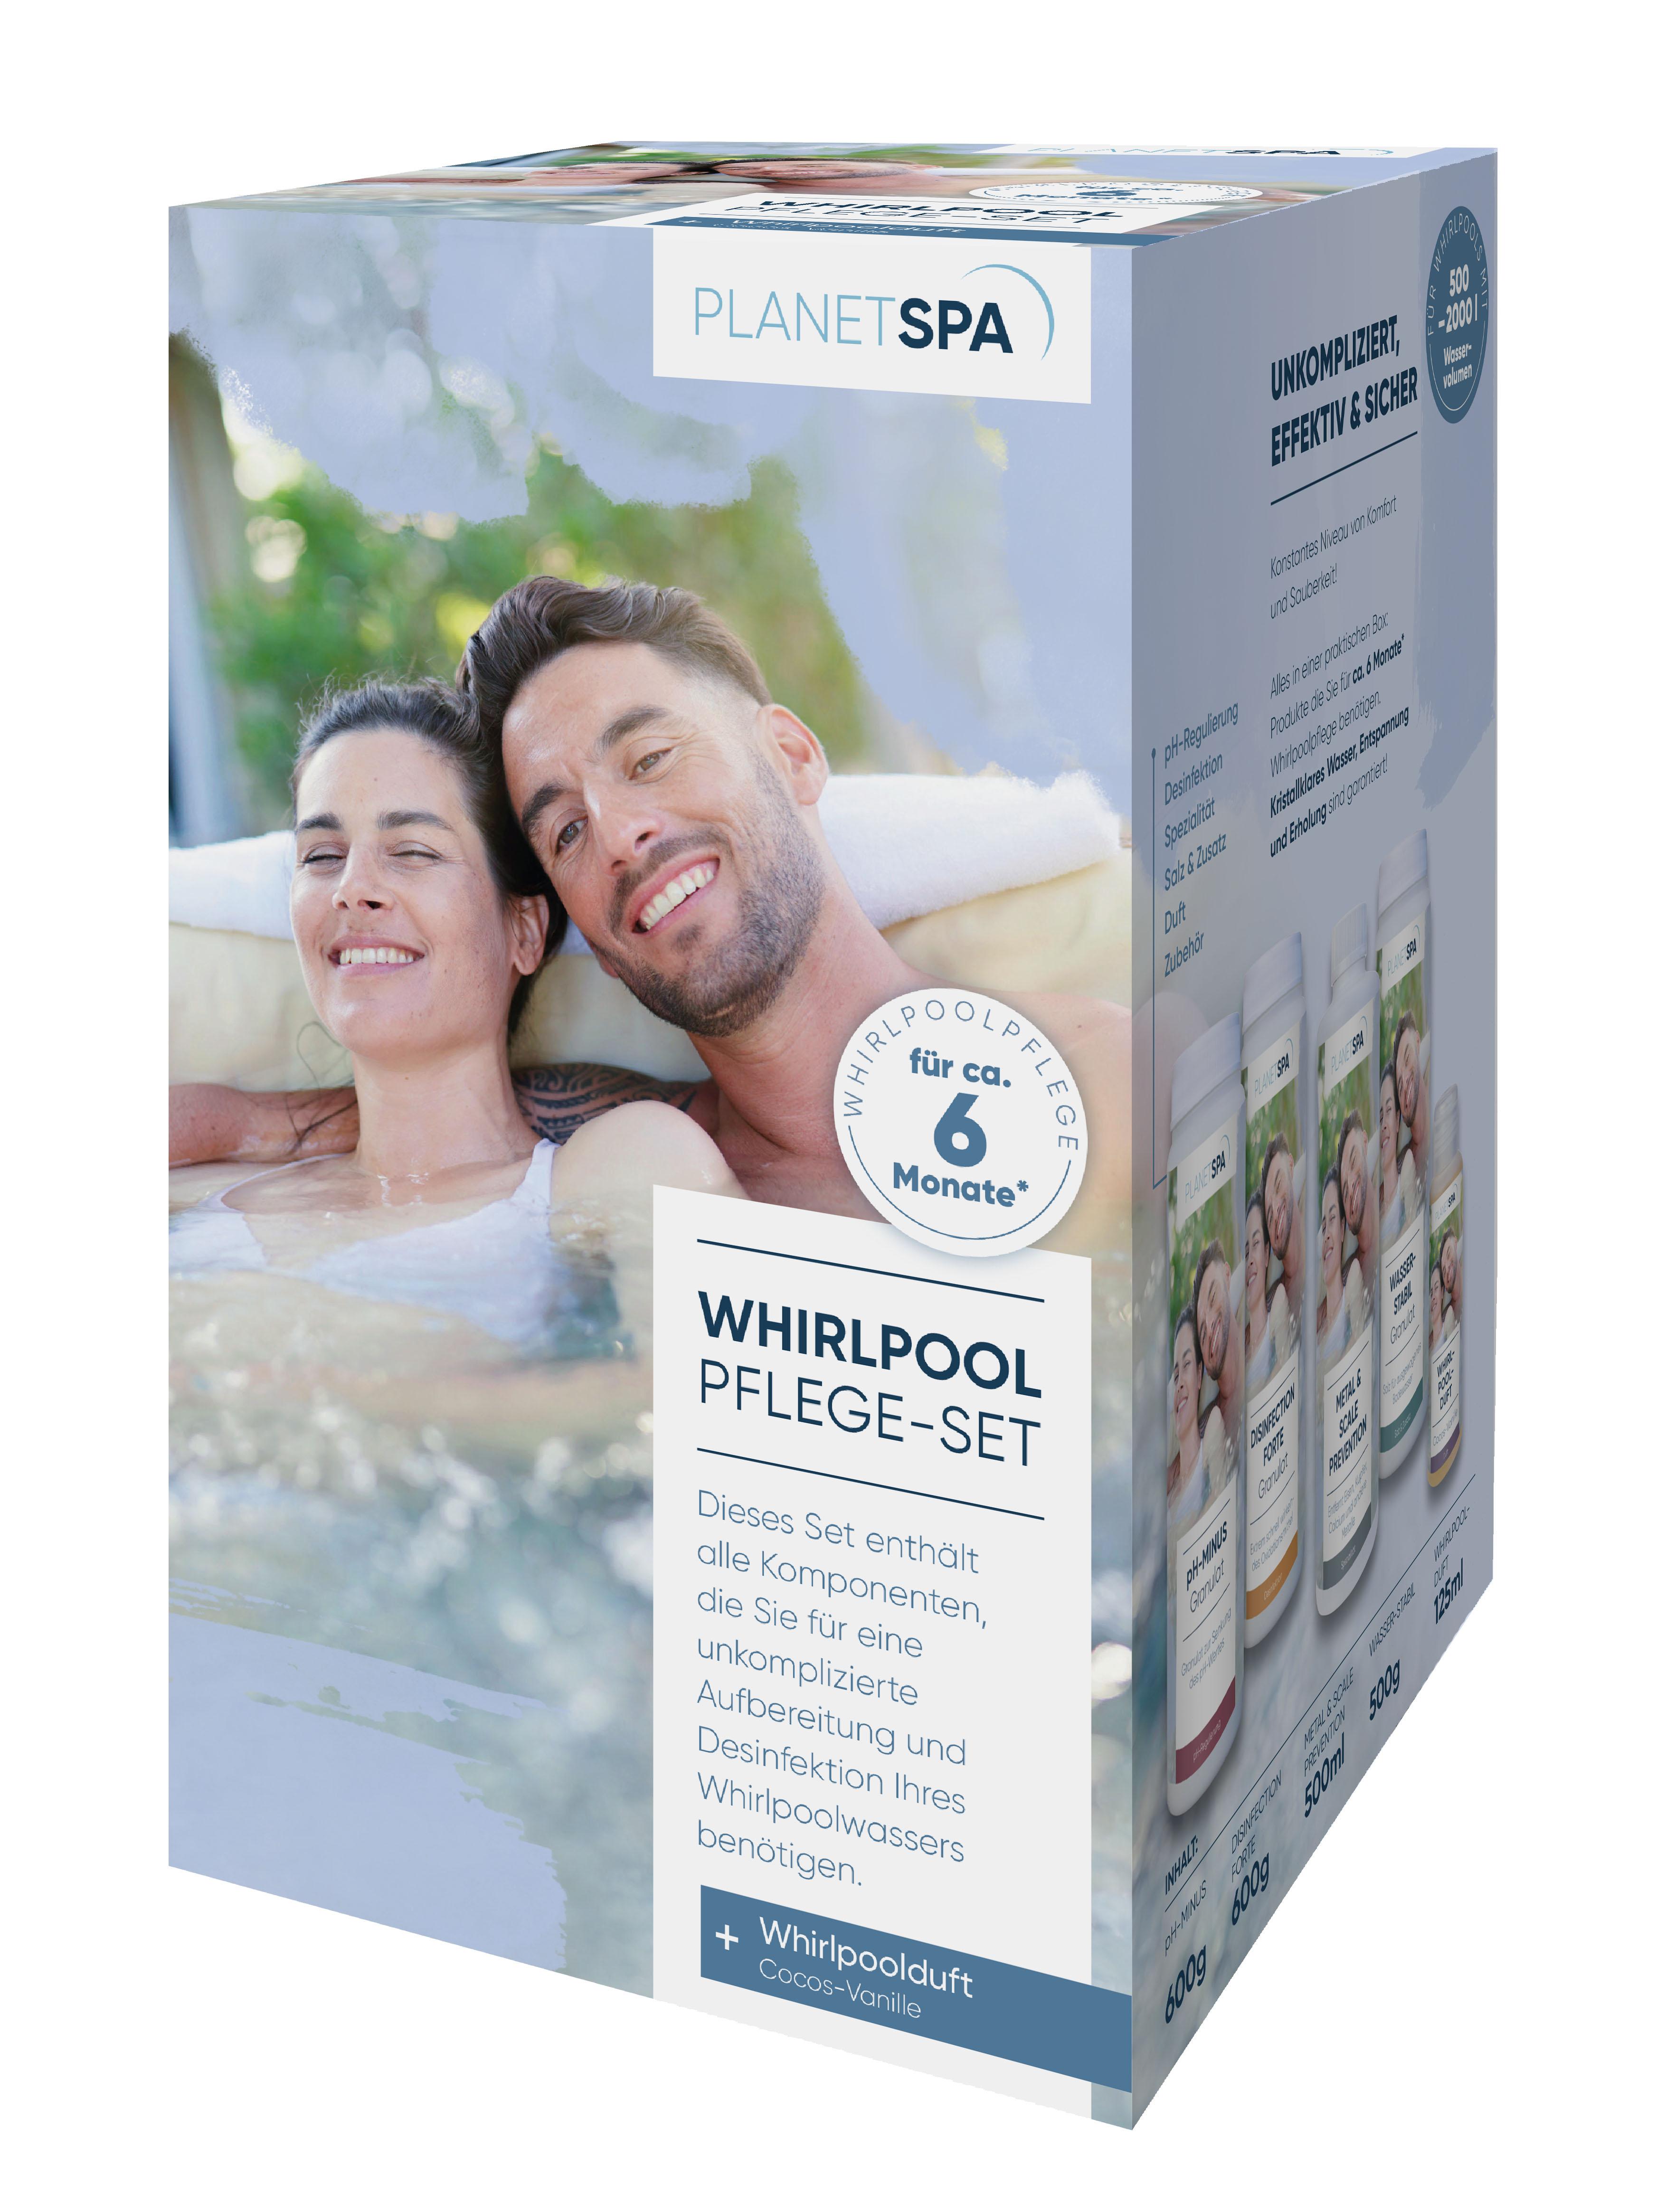 Planet Spa Whirlpoolpflege Komplett-Set, 7-teilig